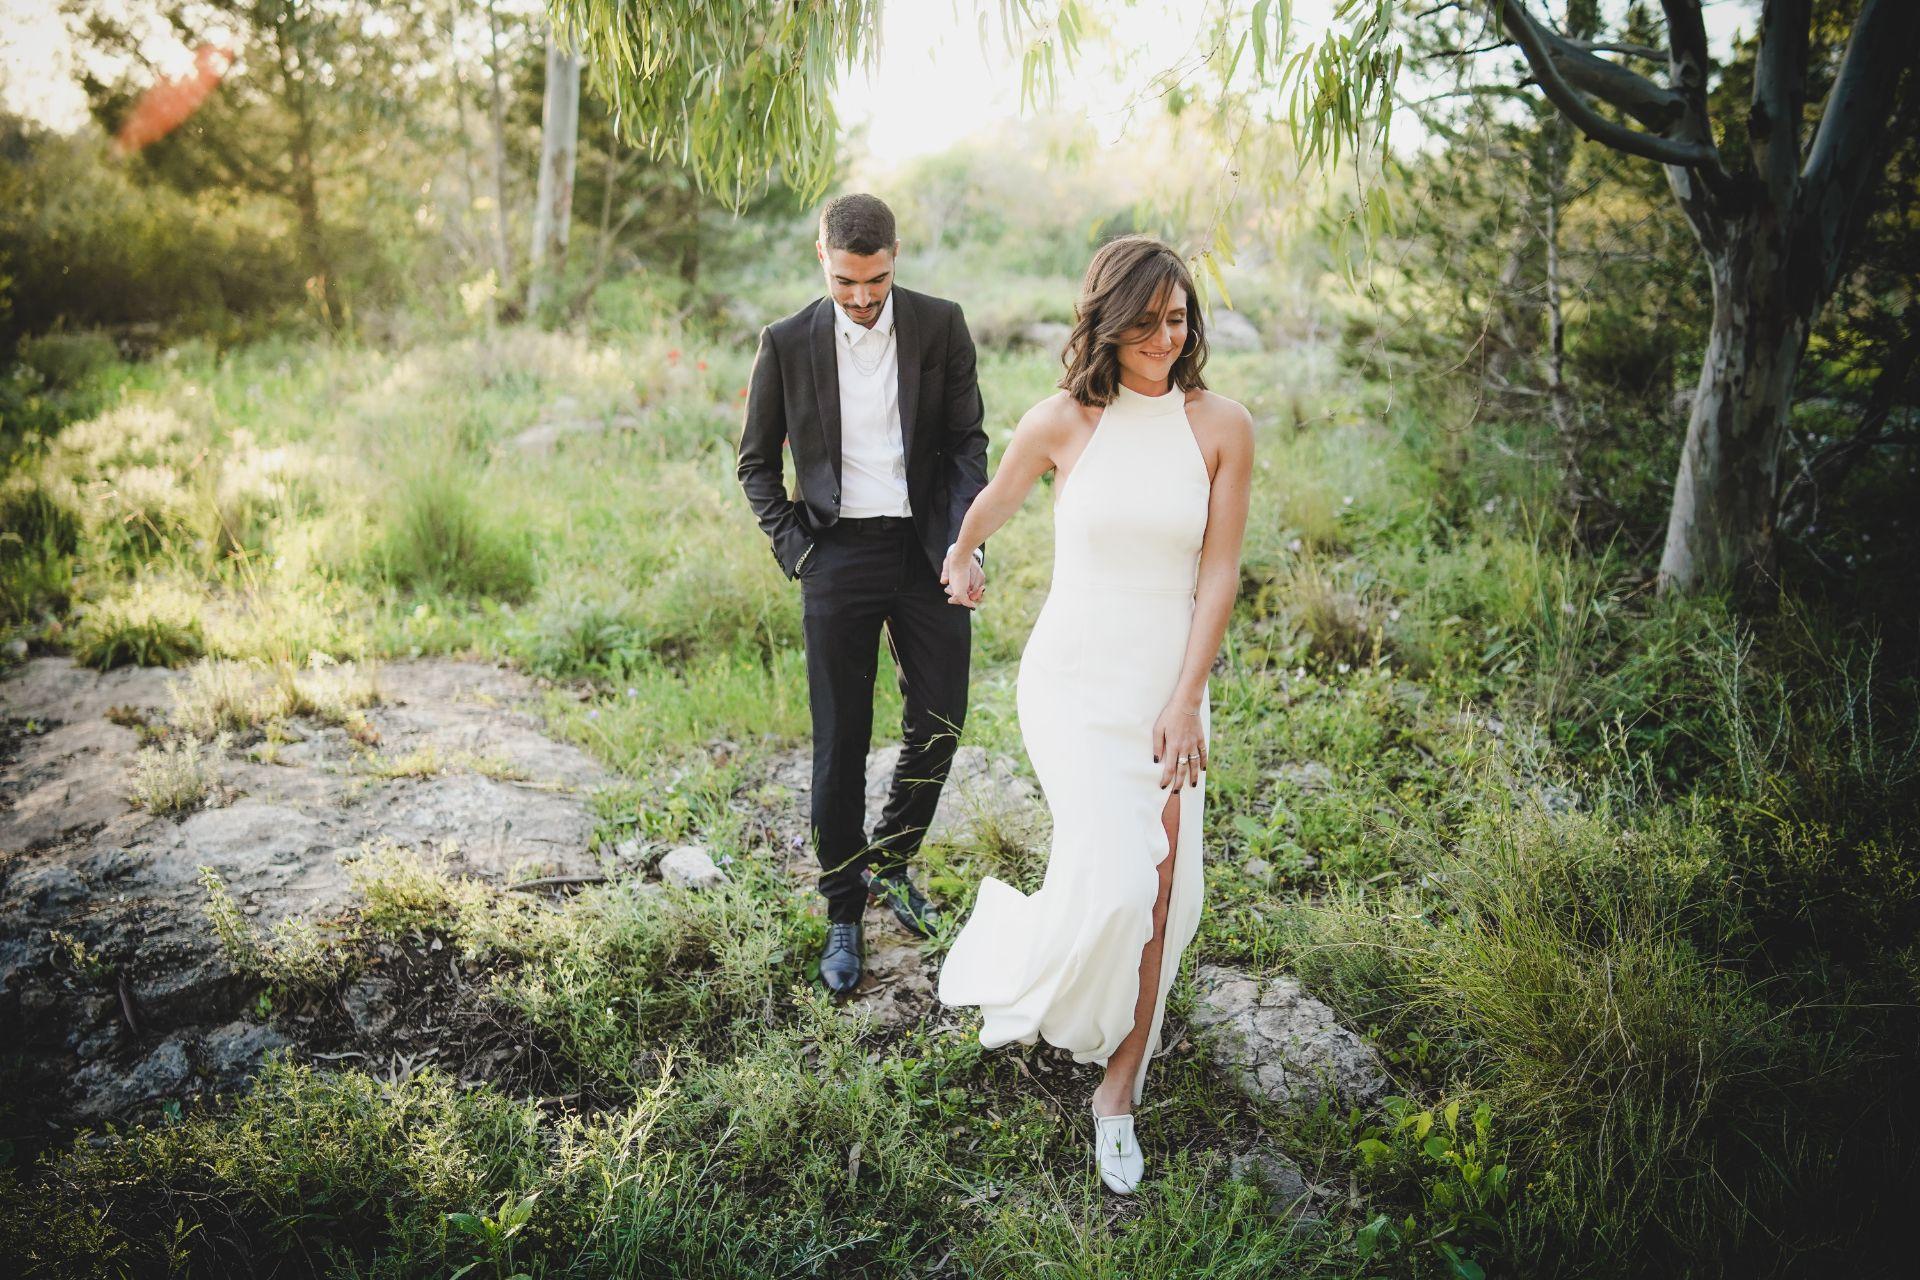 פסטיבל של סטייל: החתונה של נופר ודור